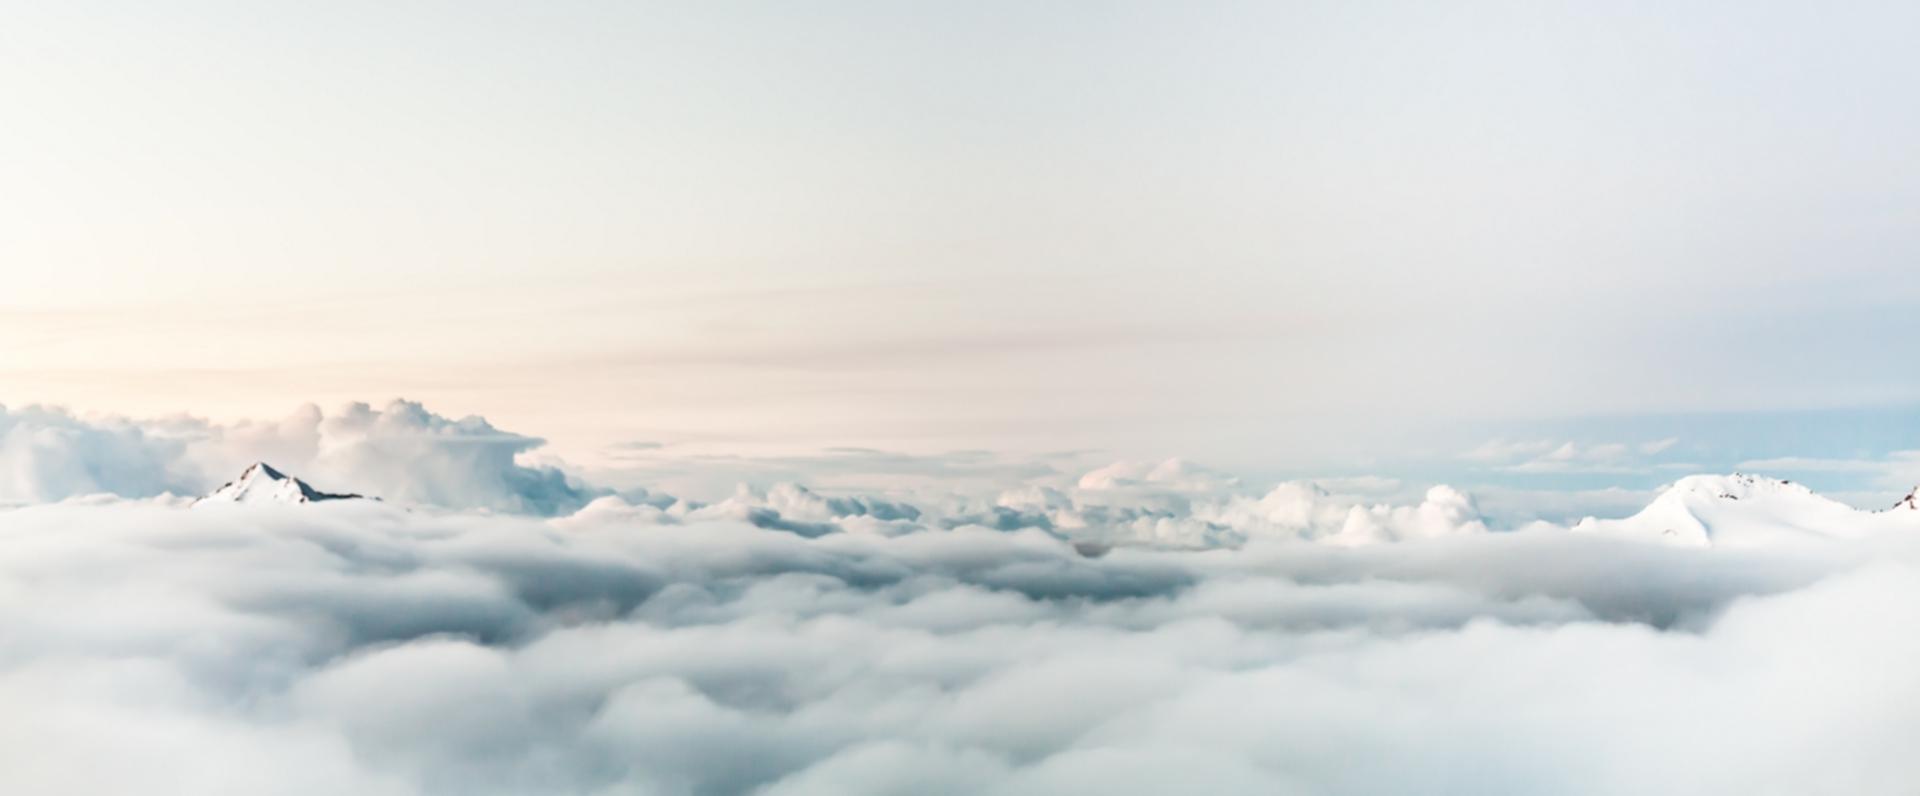 Felhők felett kicsi